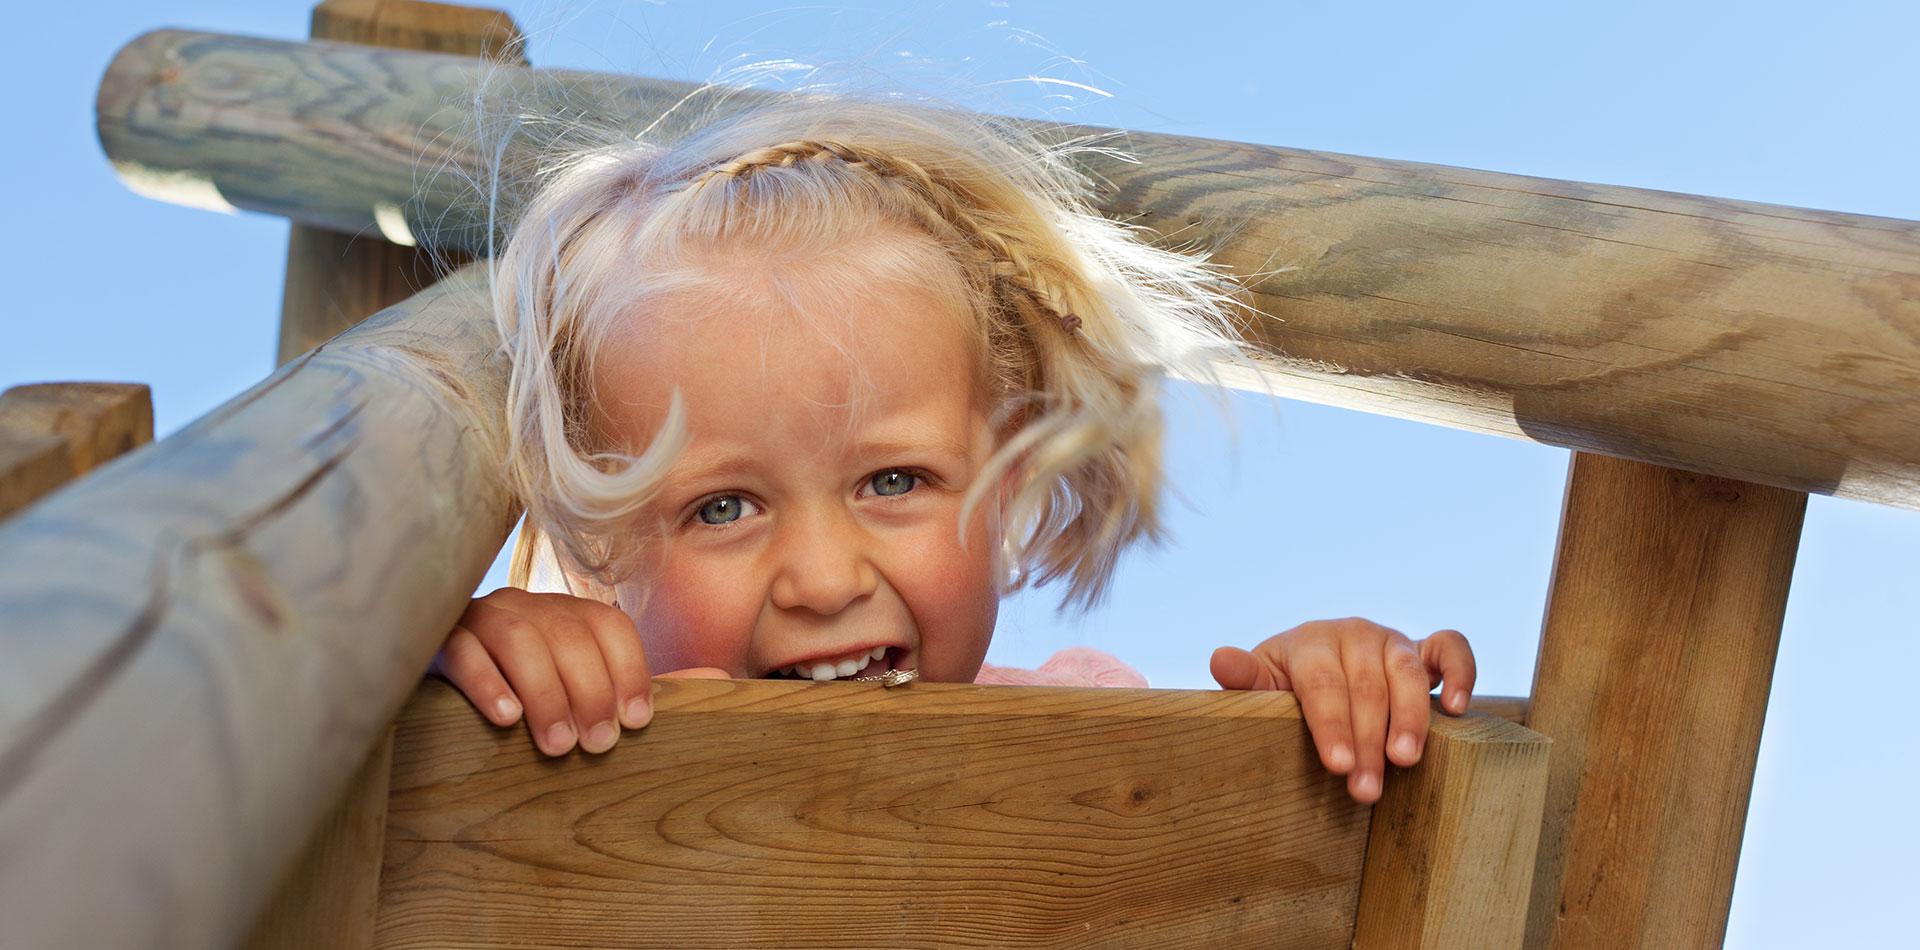 Mit dem Spielturm hat das Mädchen Spaß beim Spielen